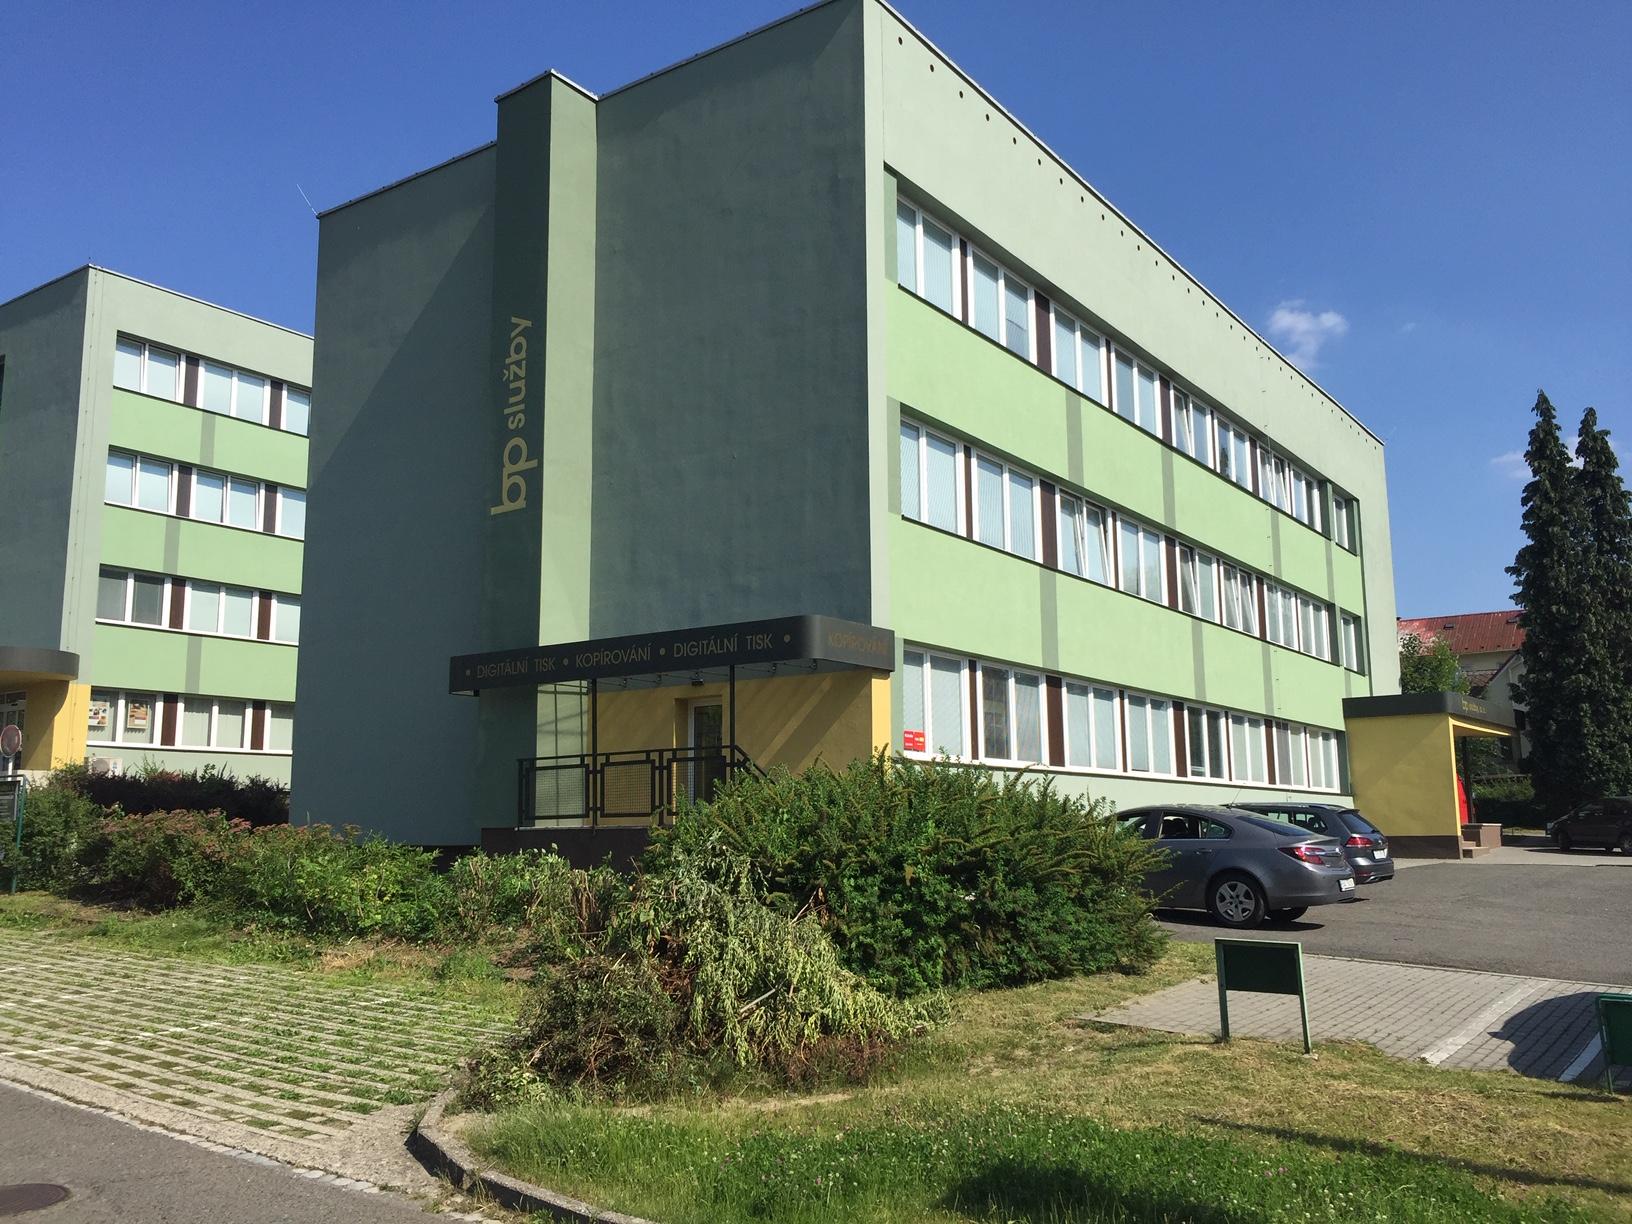 Pobočka Valašské Meziříčí, Havlíčkova 234/1 (bp služby, a. s., Centrum reprografických p